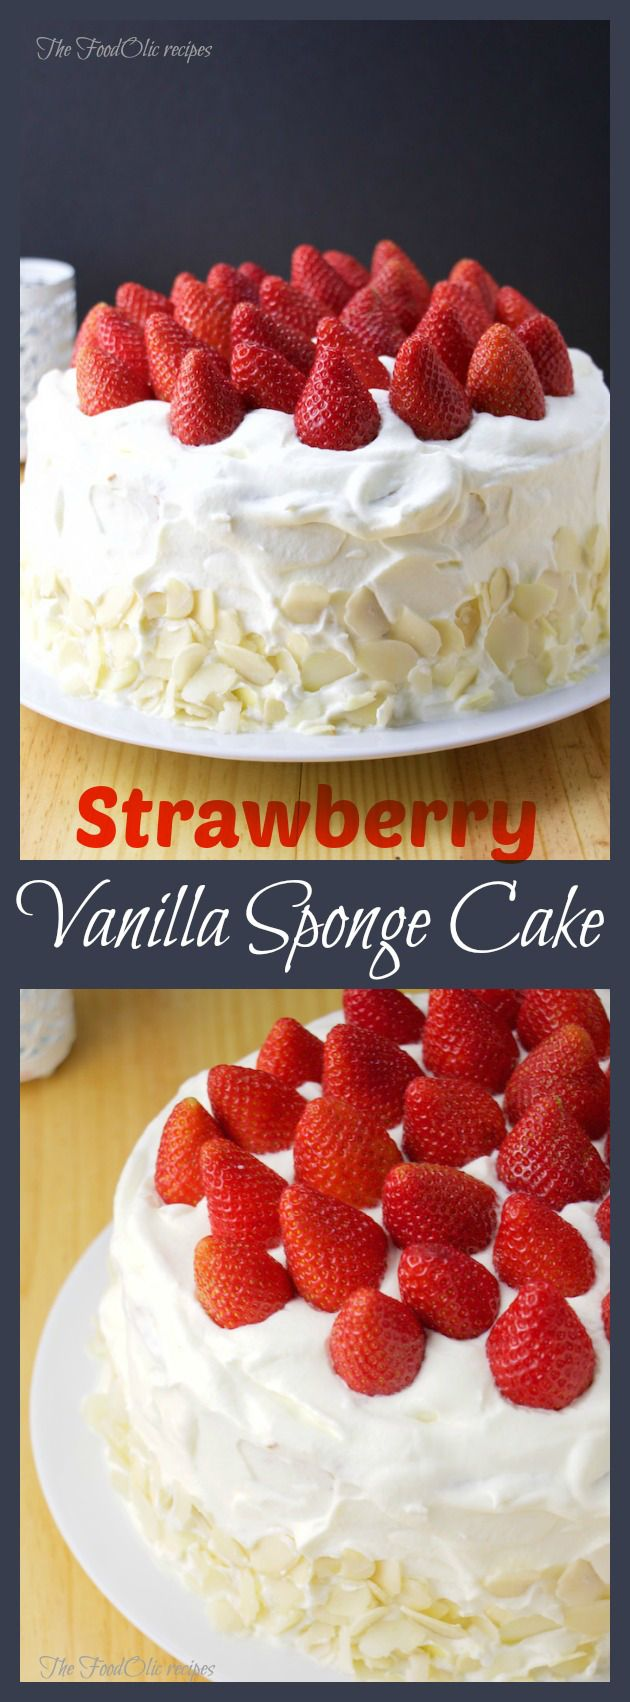 Strawberry sponge cake, with almonds. #cake #sweet #strawberry